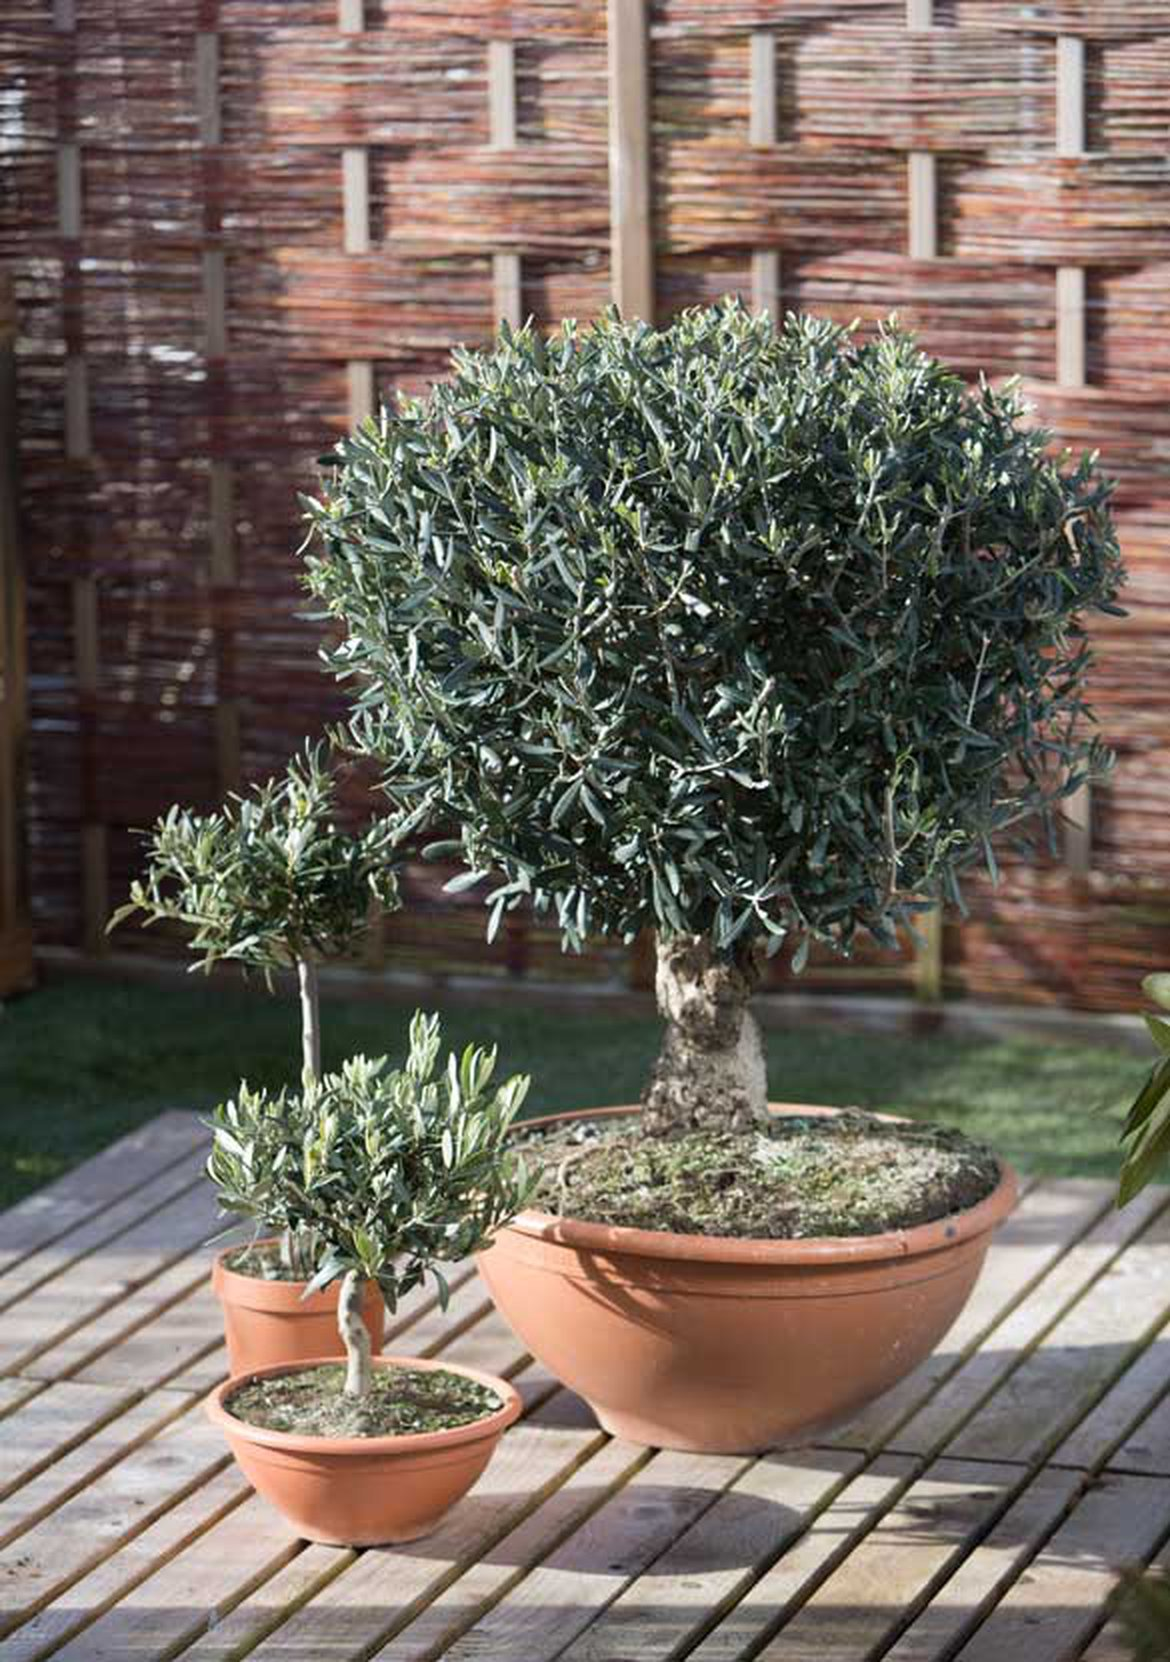 Arbuste Persistant Pour Pot l'olivier : plantation, entretien et arrosage | schilliger